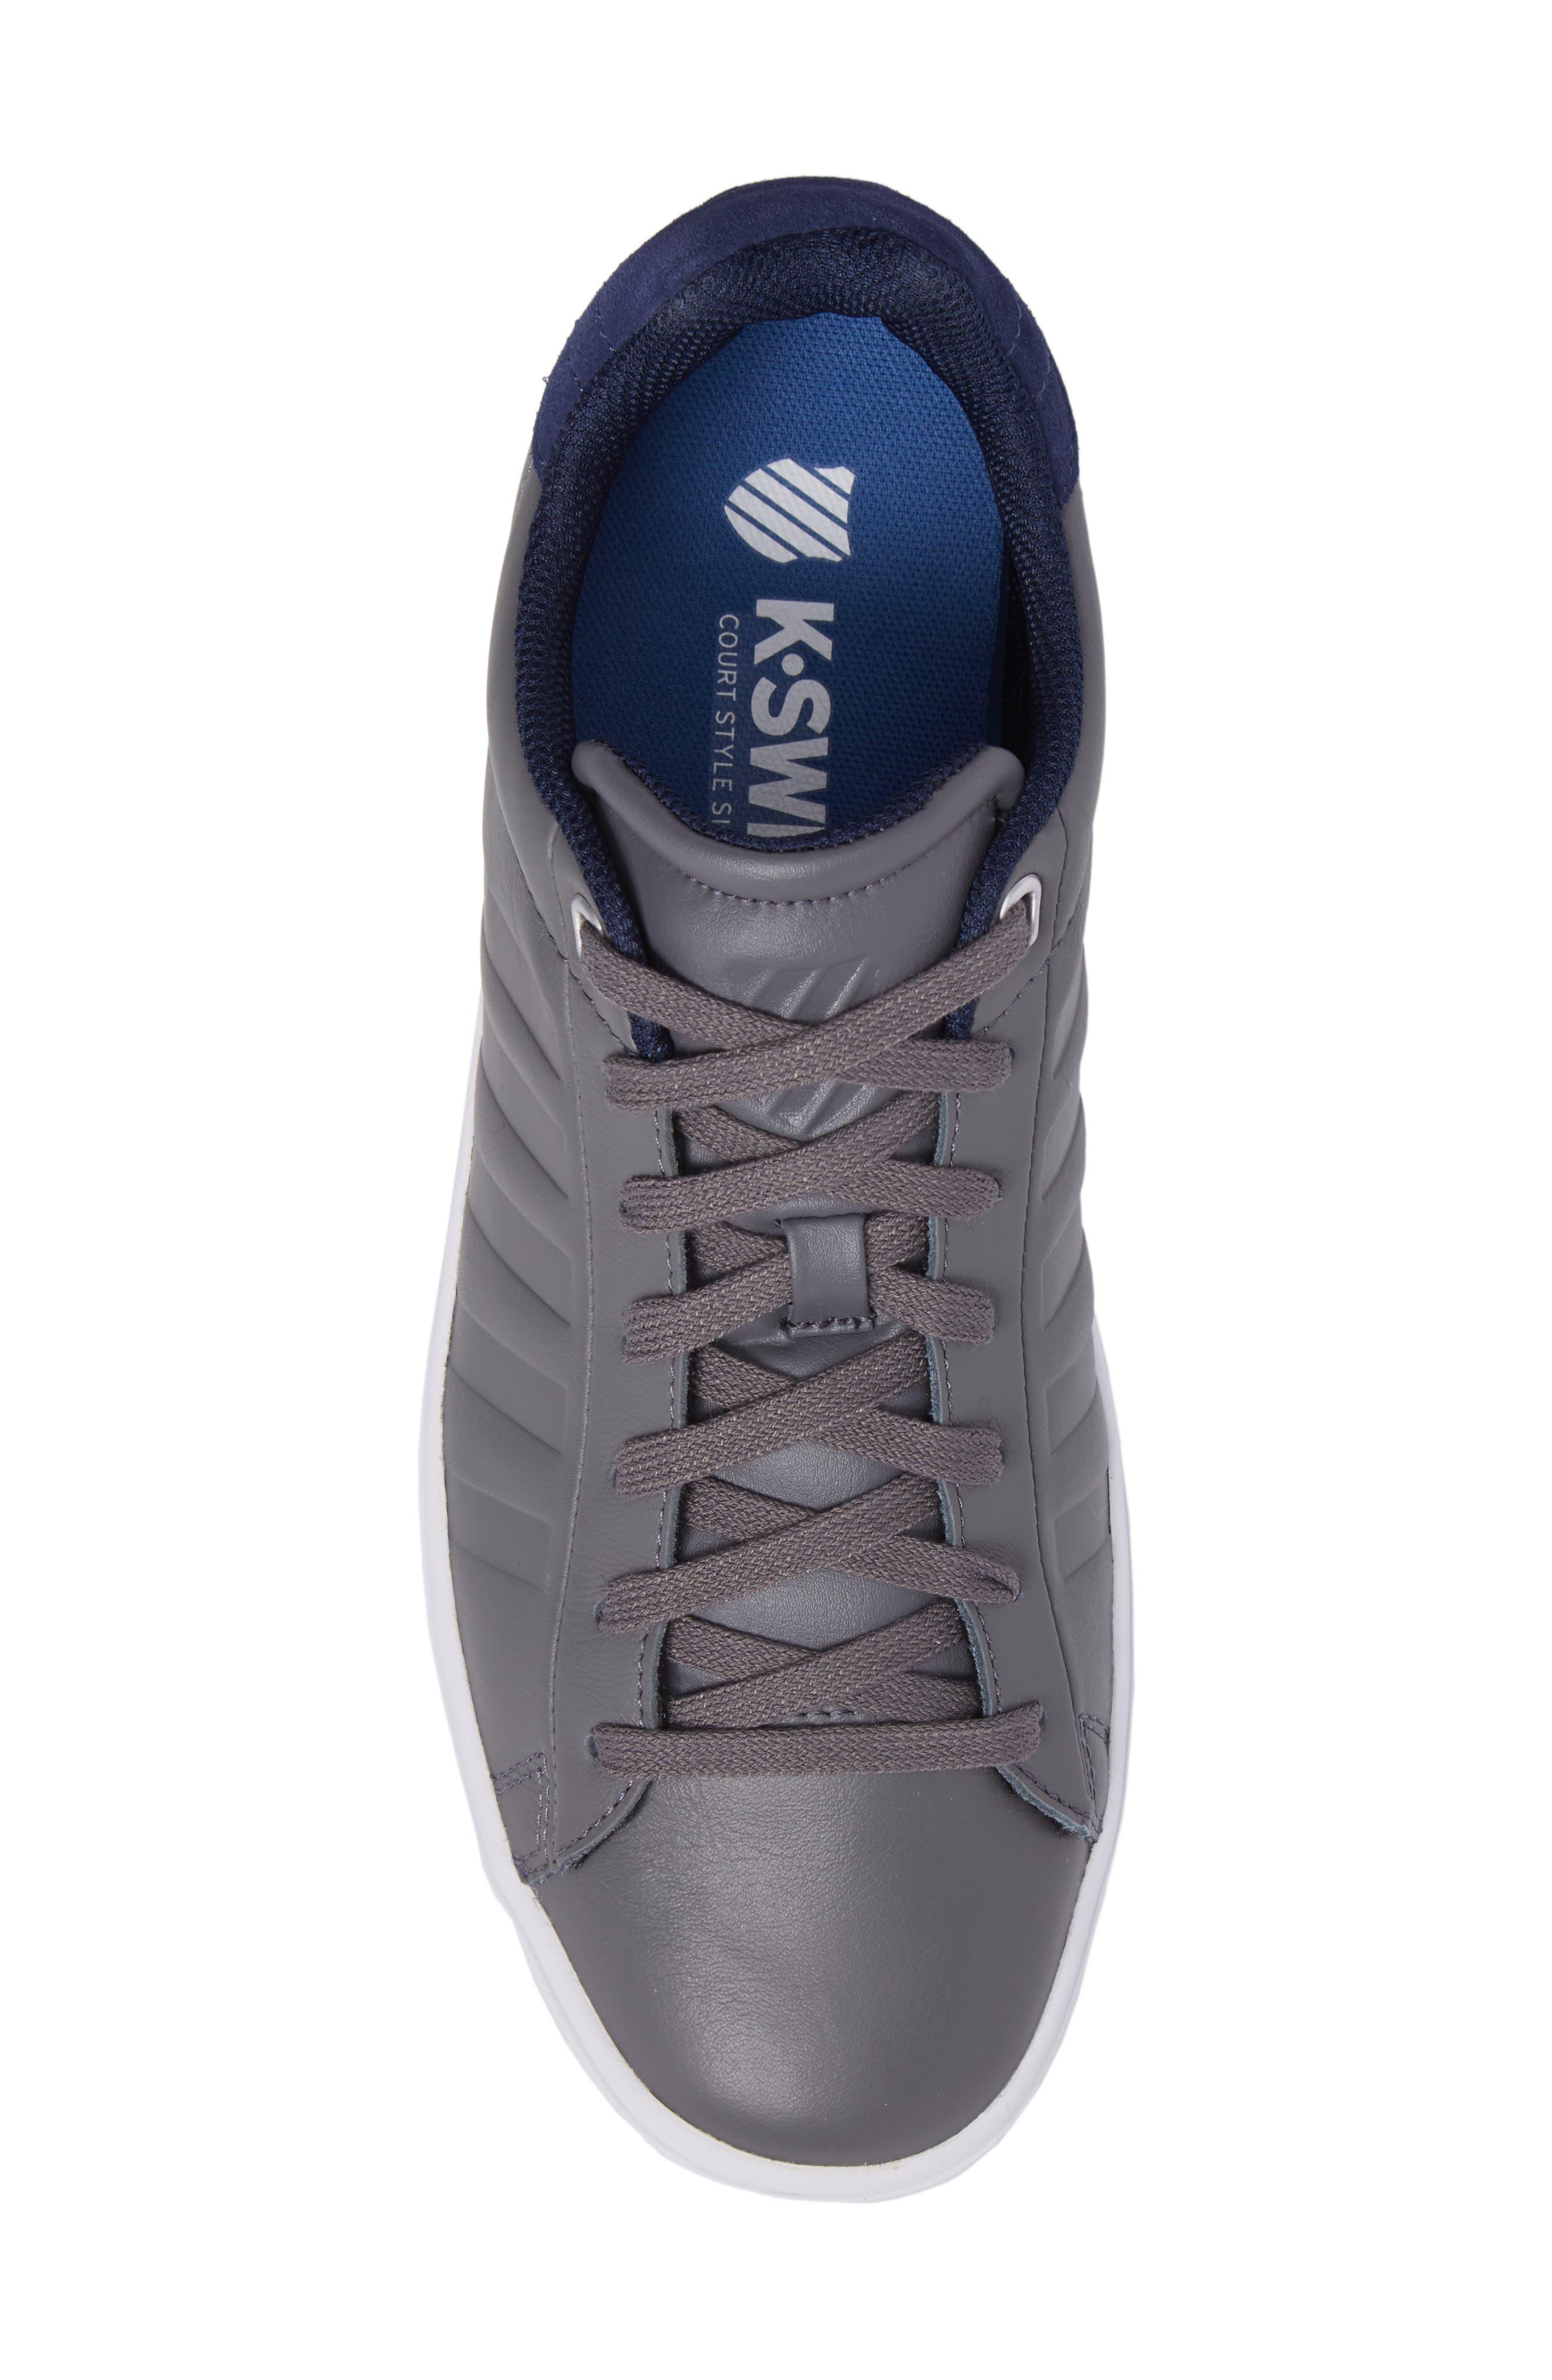 Court Frasco Sneaker,                             Alternate thumbnail 5, color,                             Pewter/ Patriot Blue